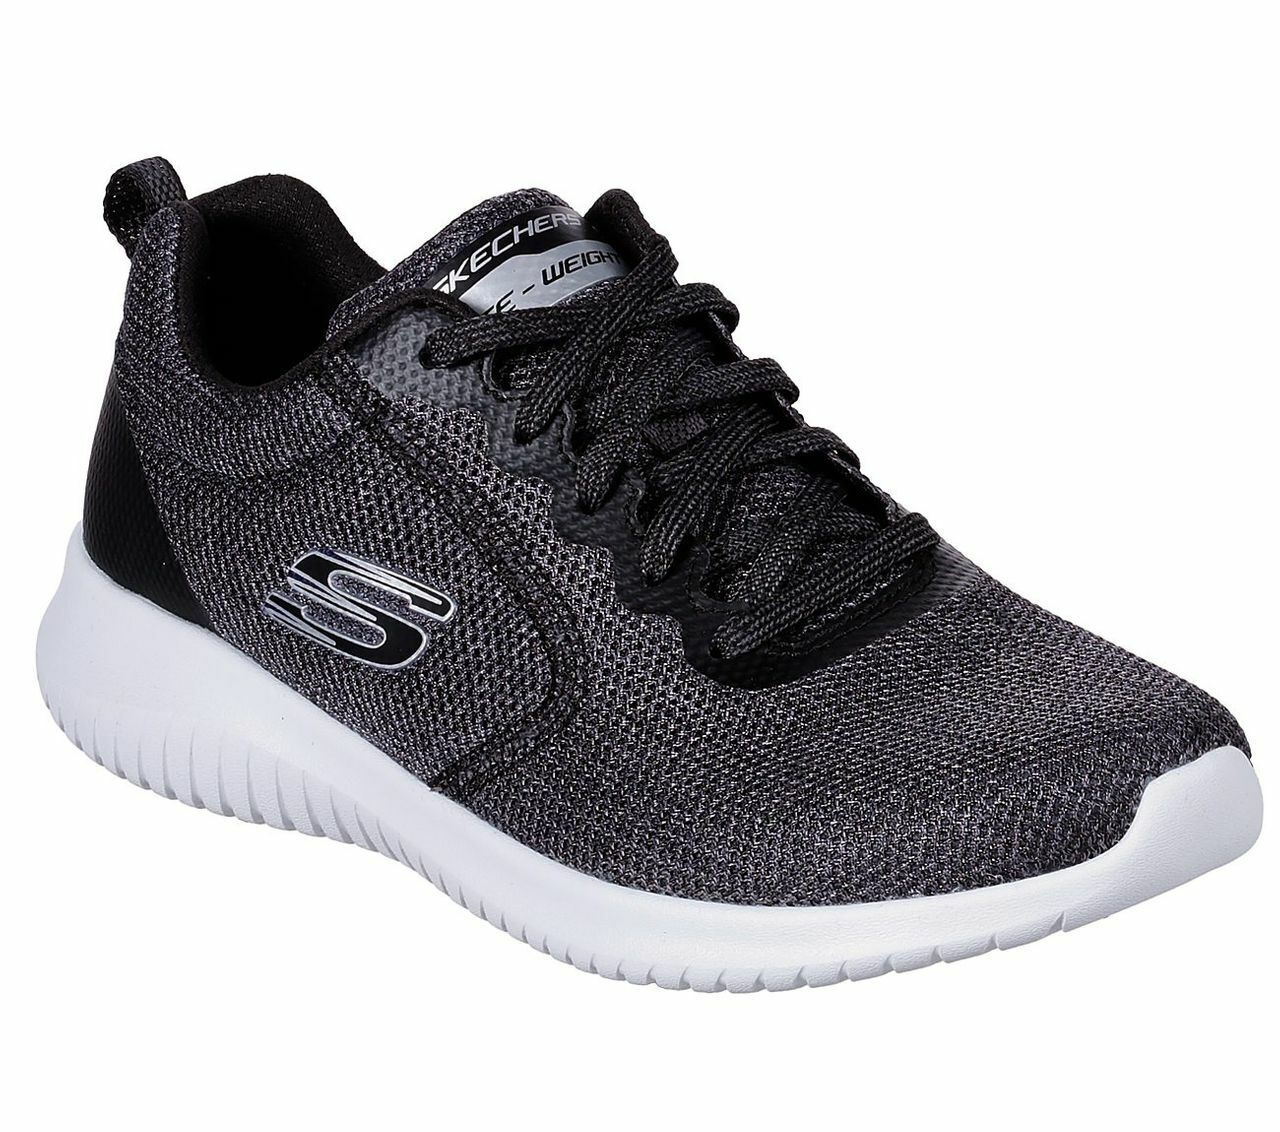 Skechers Sport Wouomo Ultra Flex semplicemente Free Scarpe Da Ginnastica scarpe da ginnastica Nero